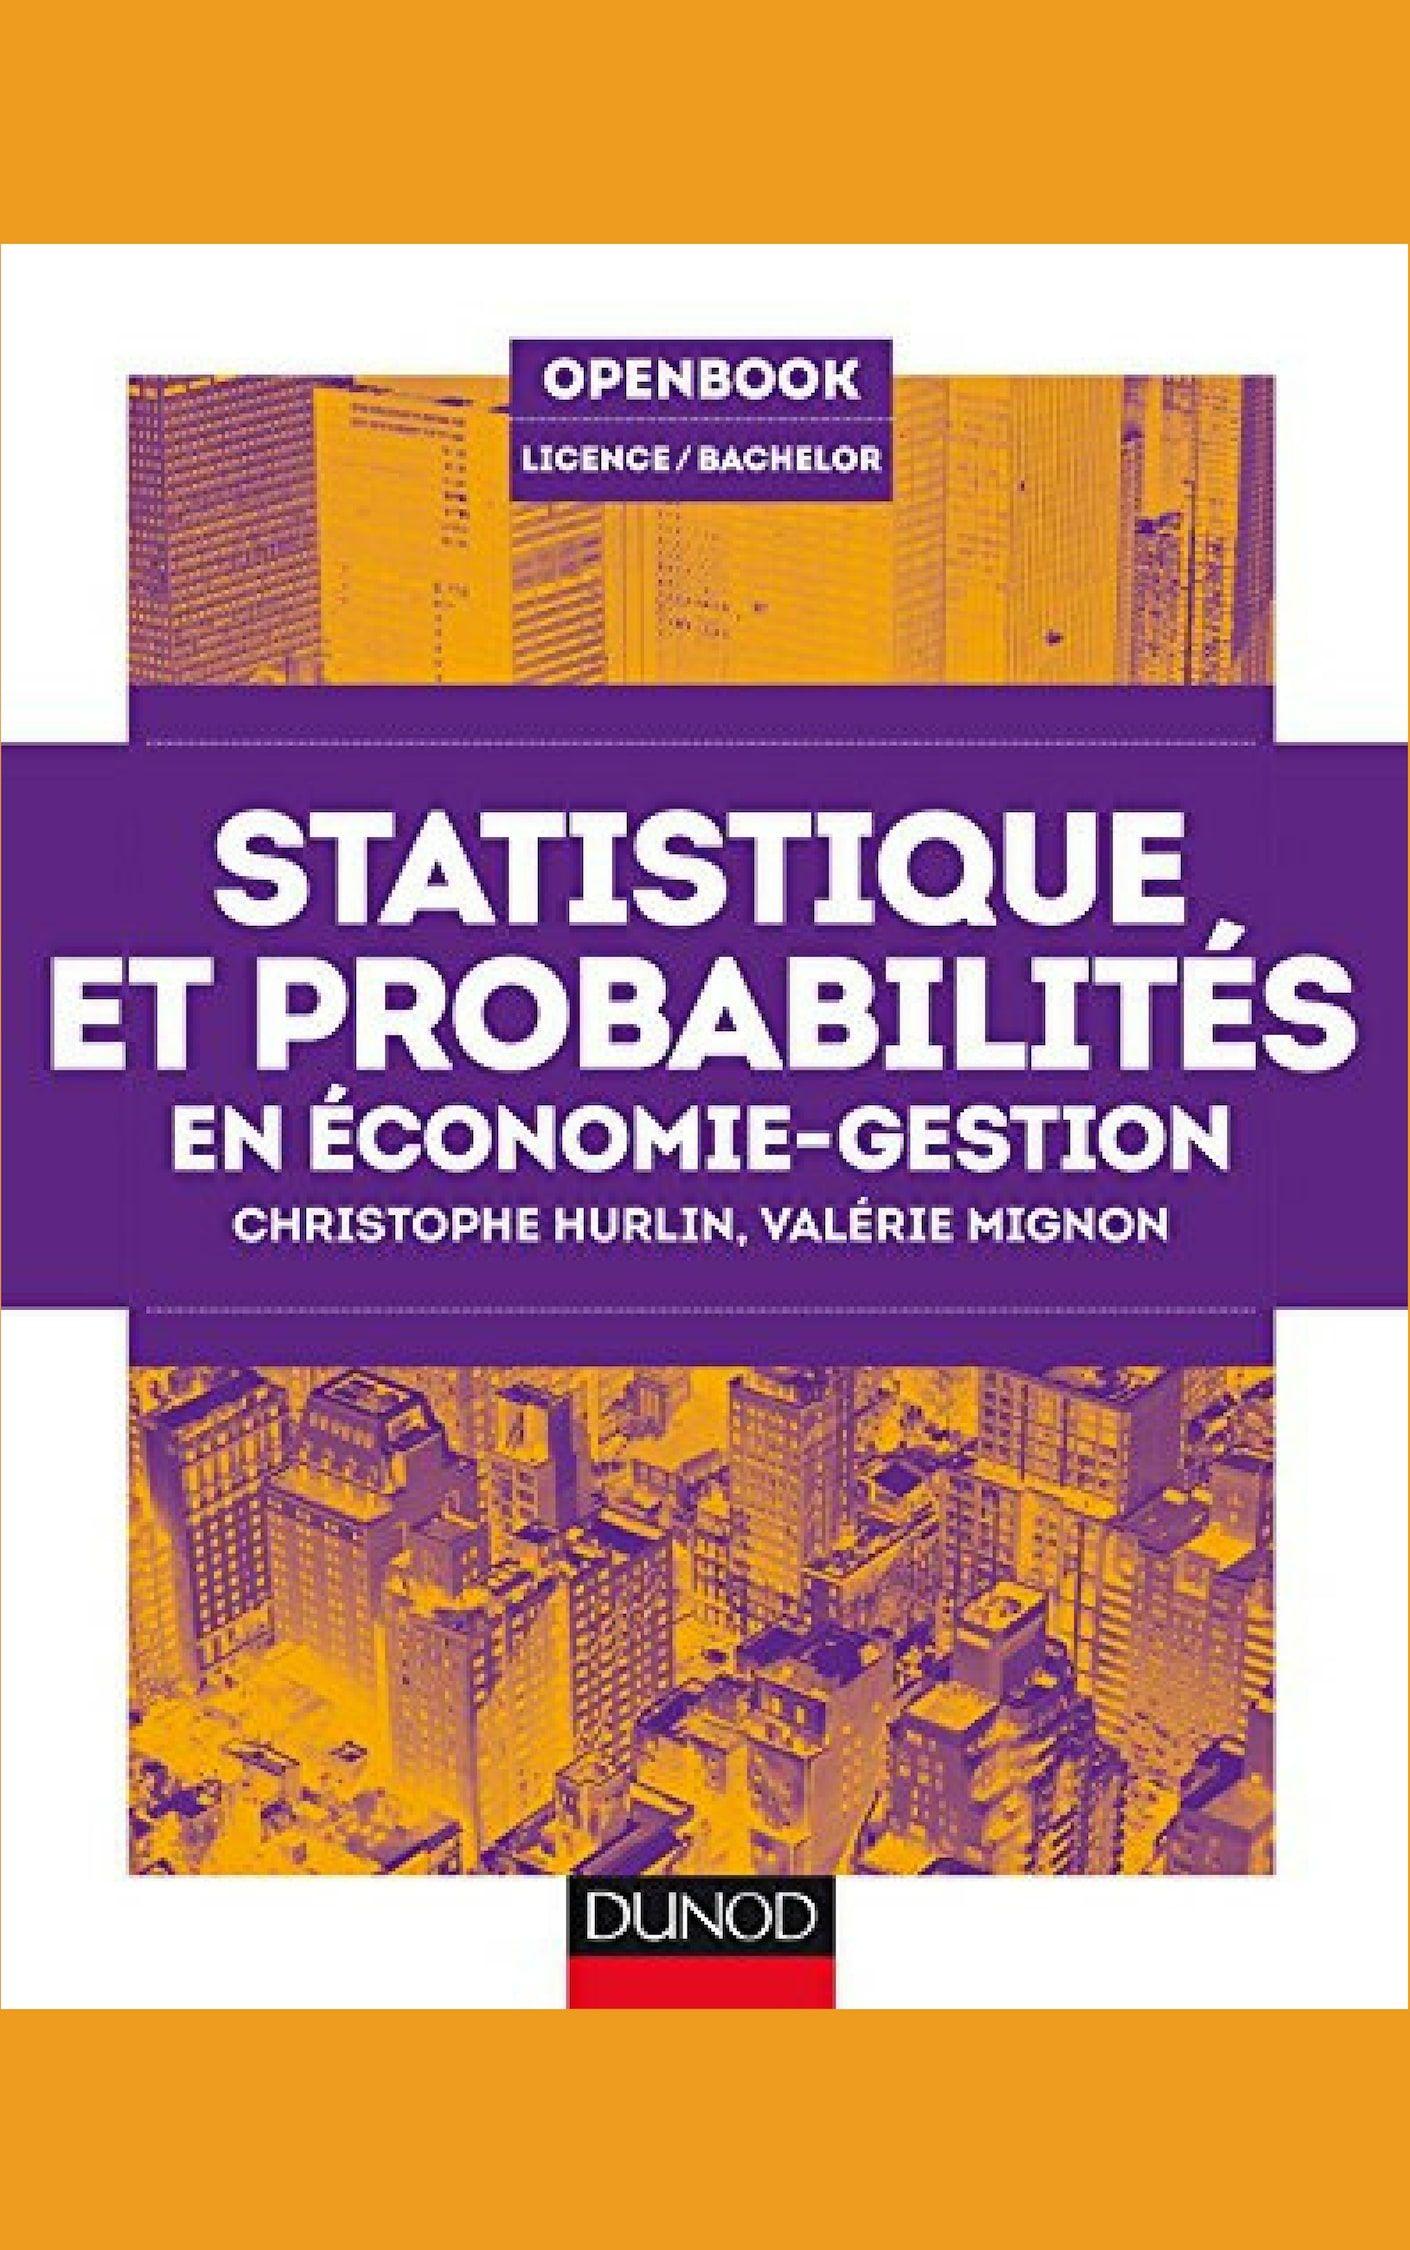 Statistique Et Probabilites En Economie Gestion Amazon Kindle Books Ebook Finance